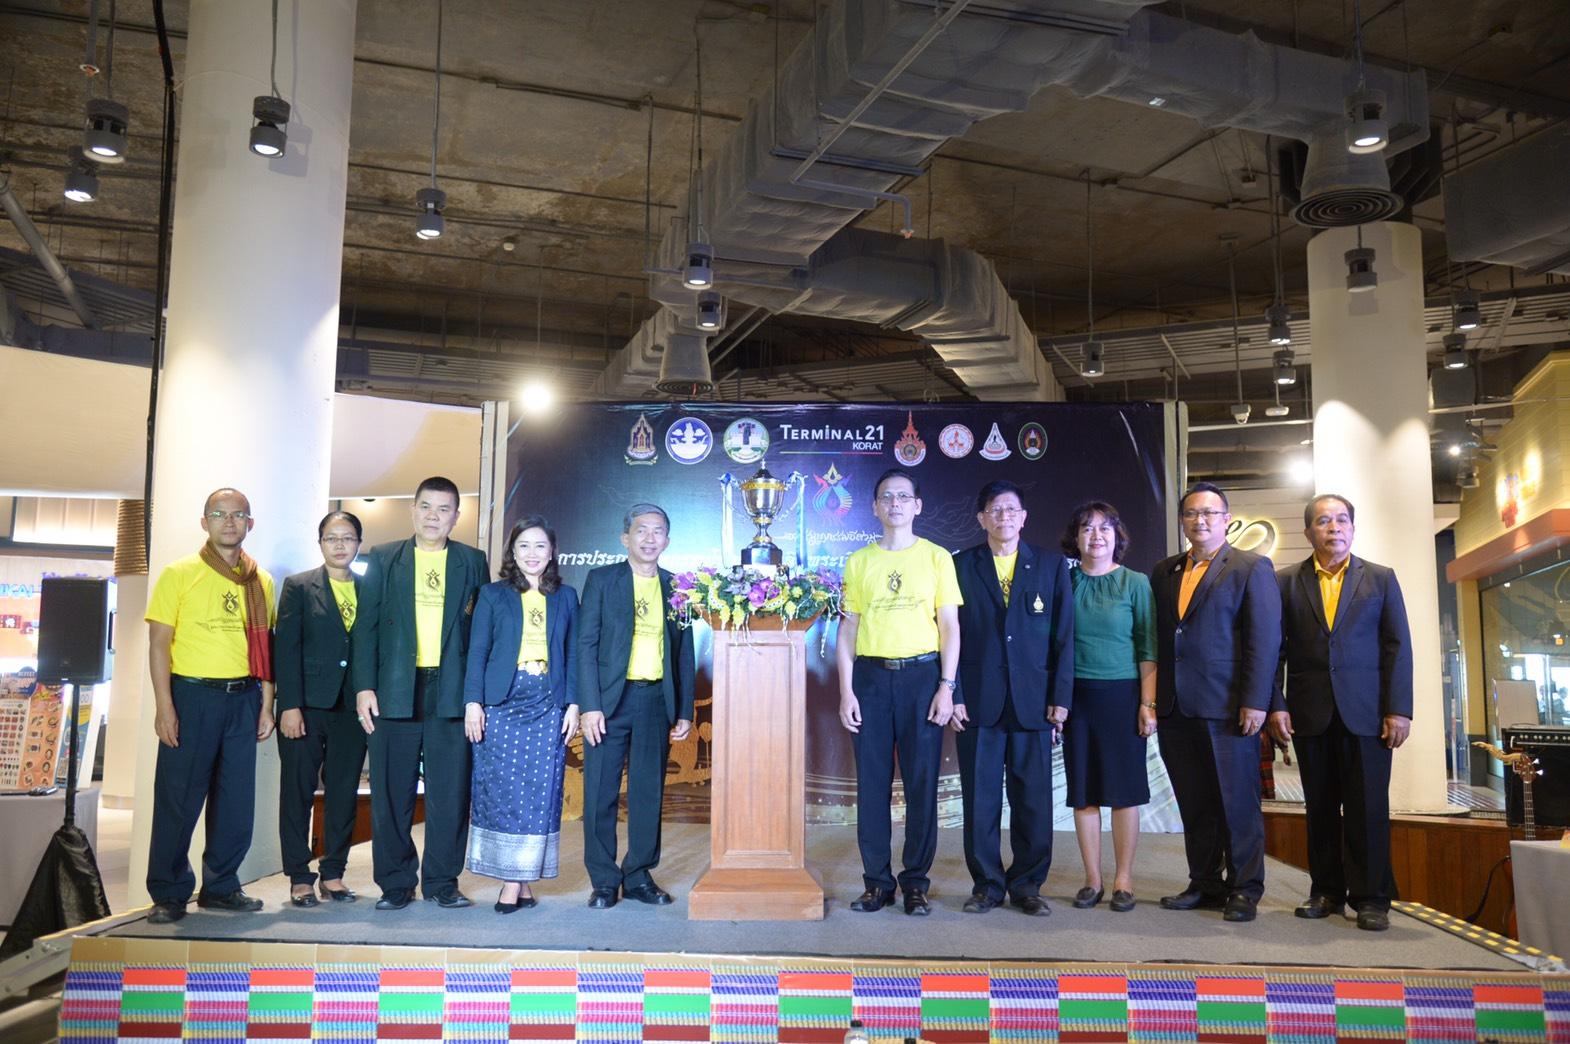 """งานแถลงข่าวการประกวดมหกรรมโปงลางเฉลิมพระเกียรติชิงแชมป์ประเทศไทย ครั้งที่ 1 """"อาศิรนาฏกรรมอีสาน"""" ชิงถ้วยพระราชทานสมเด็จพระเจ้าอยู่หัว"""